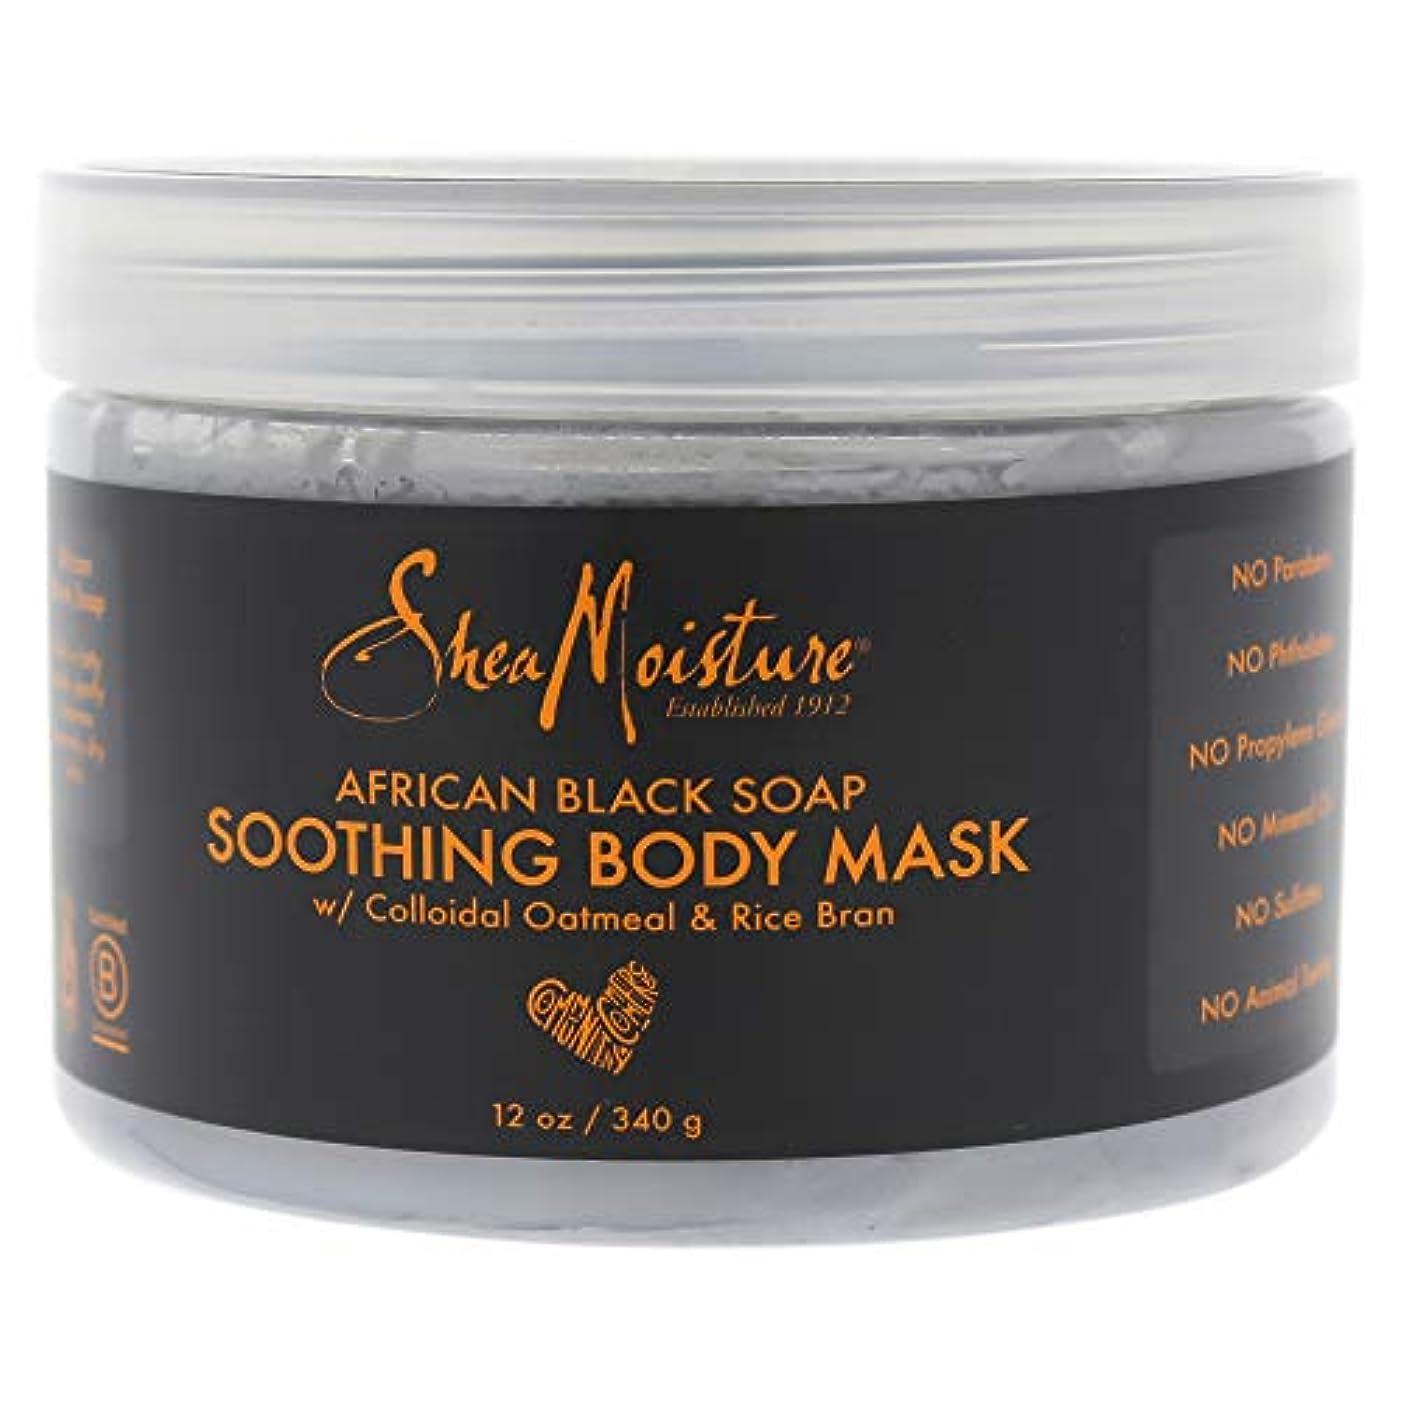 流体スクランブルアンソロジーAfrican Black Soap Soothing Body Mask